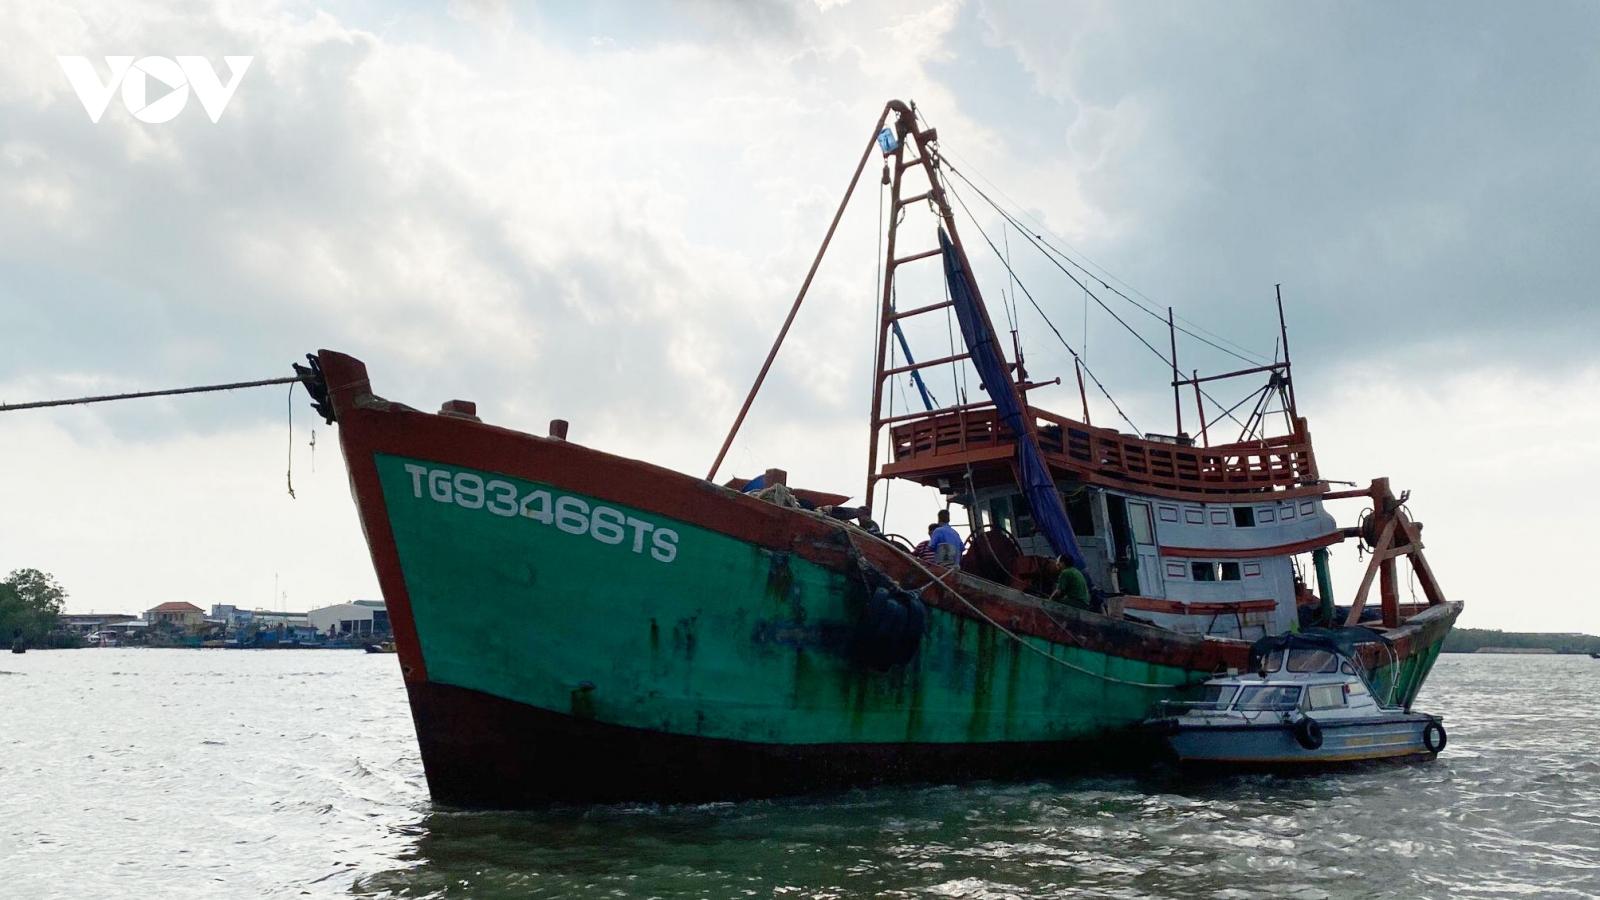 Tiền Giang: Khởi tố, bắt giam 4 tháng đối với ngư phủ giết chết chủ tàu cá